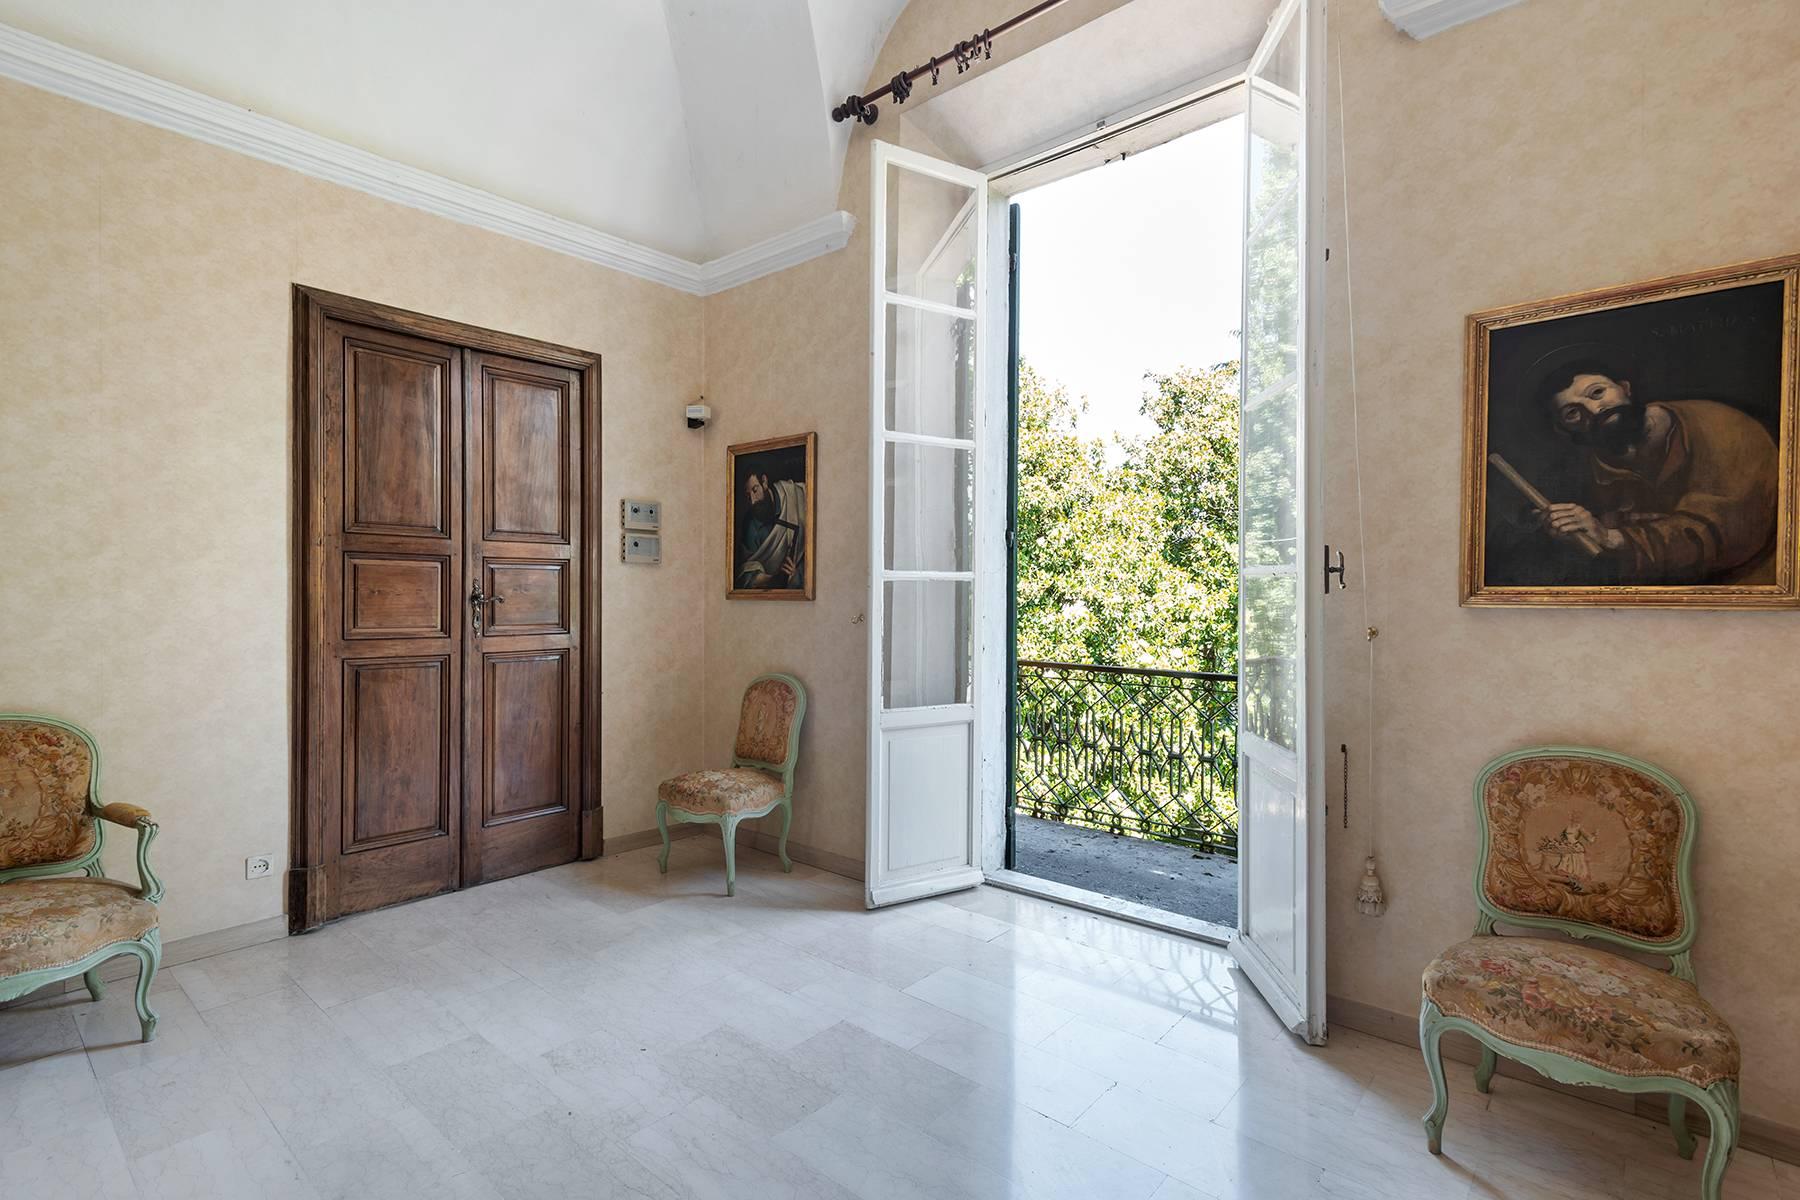 Villa in Vendita a Collecchio: 5 locali, 1310 mq - Foto 10